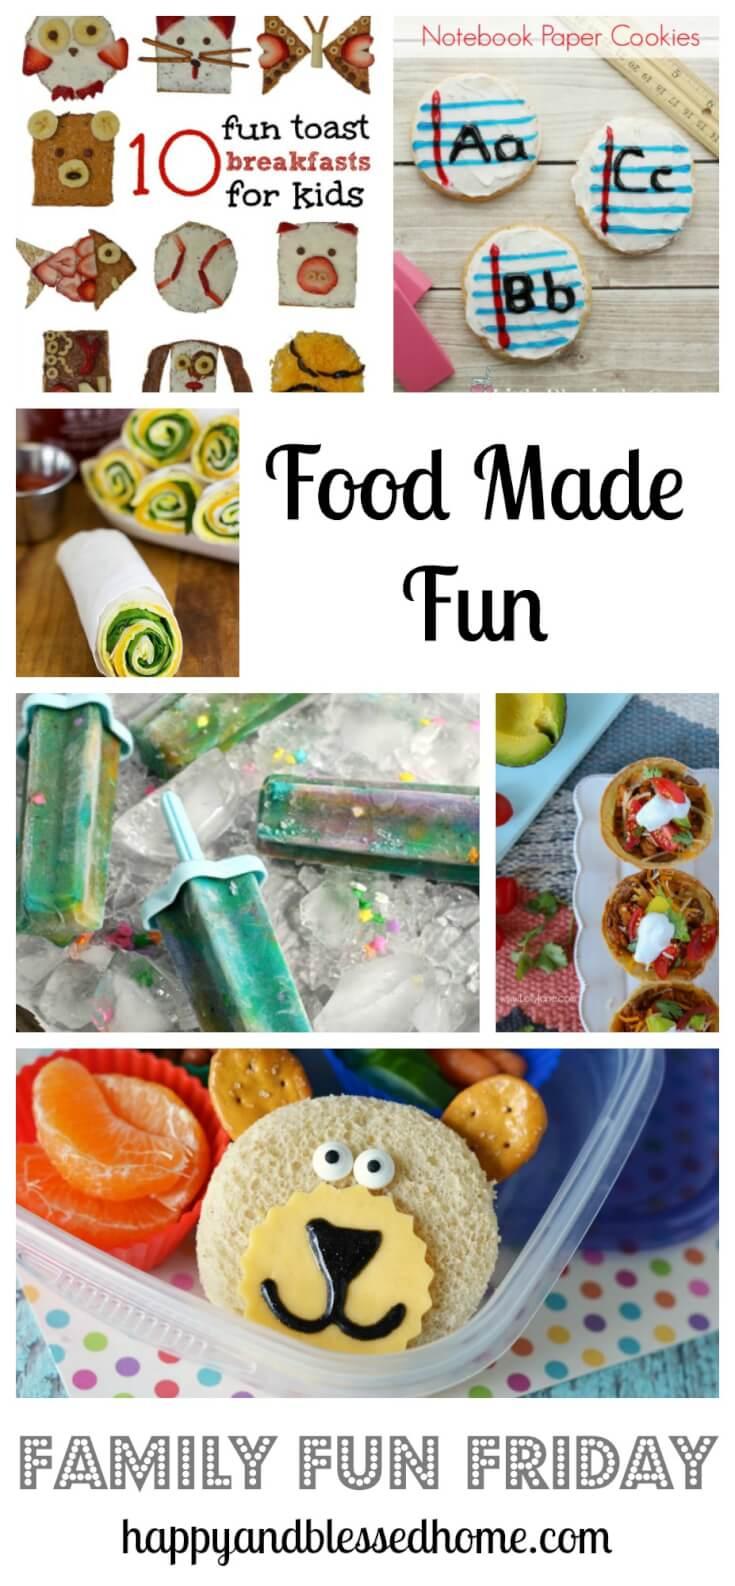 Food made fun on family fun friday